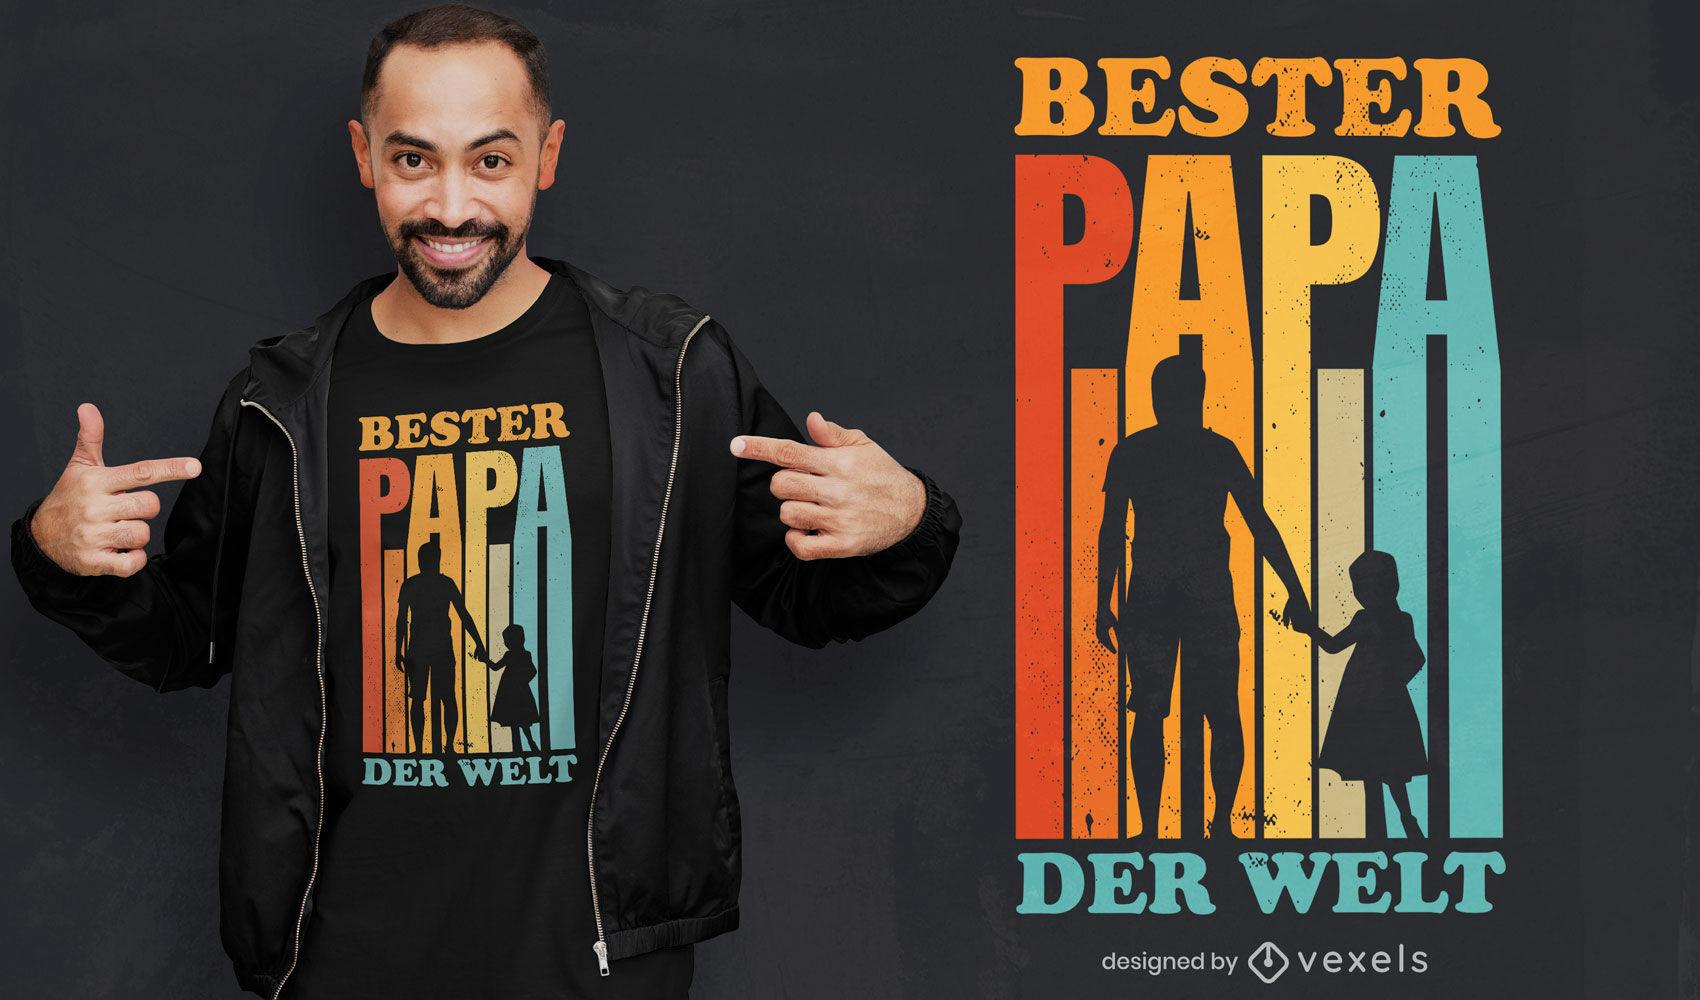 Bester Vater aller Zeiten Zitat Retro-T-Shirt-Design